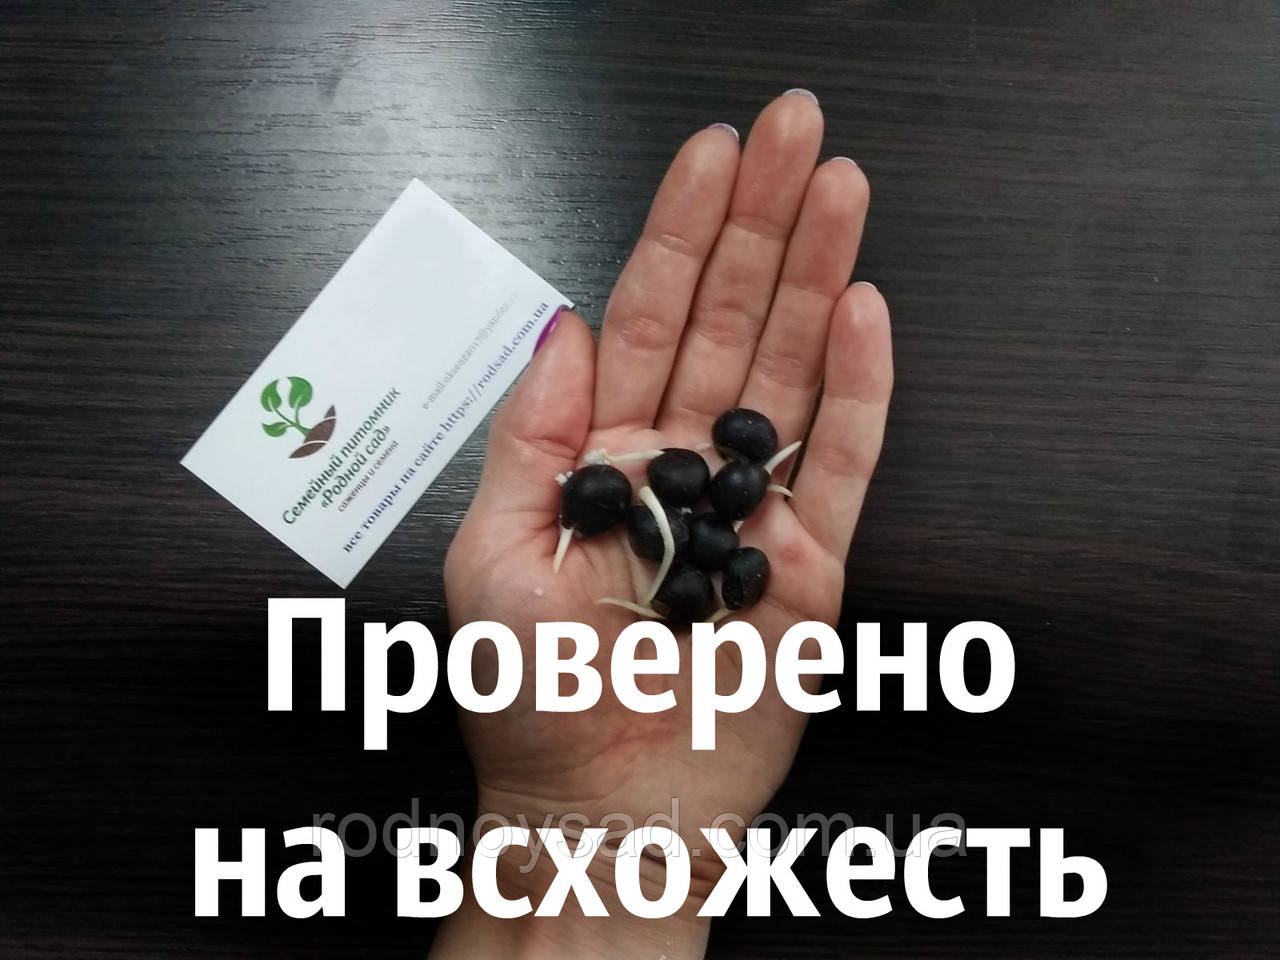 Чекалкин орех (Ксантоцерас) семена (10 штук) для выращивания саженцев (насіння на саджанці) + инструкция - фото 2